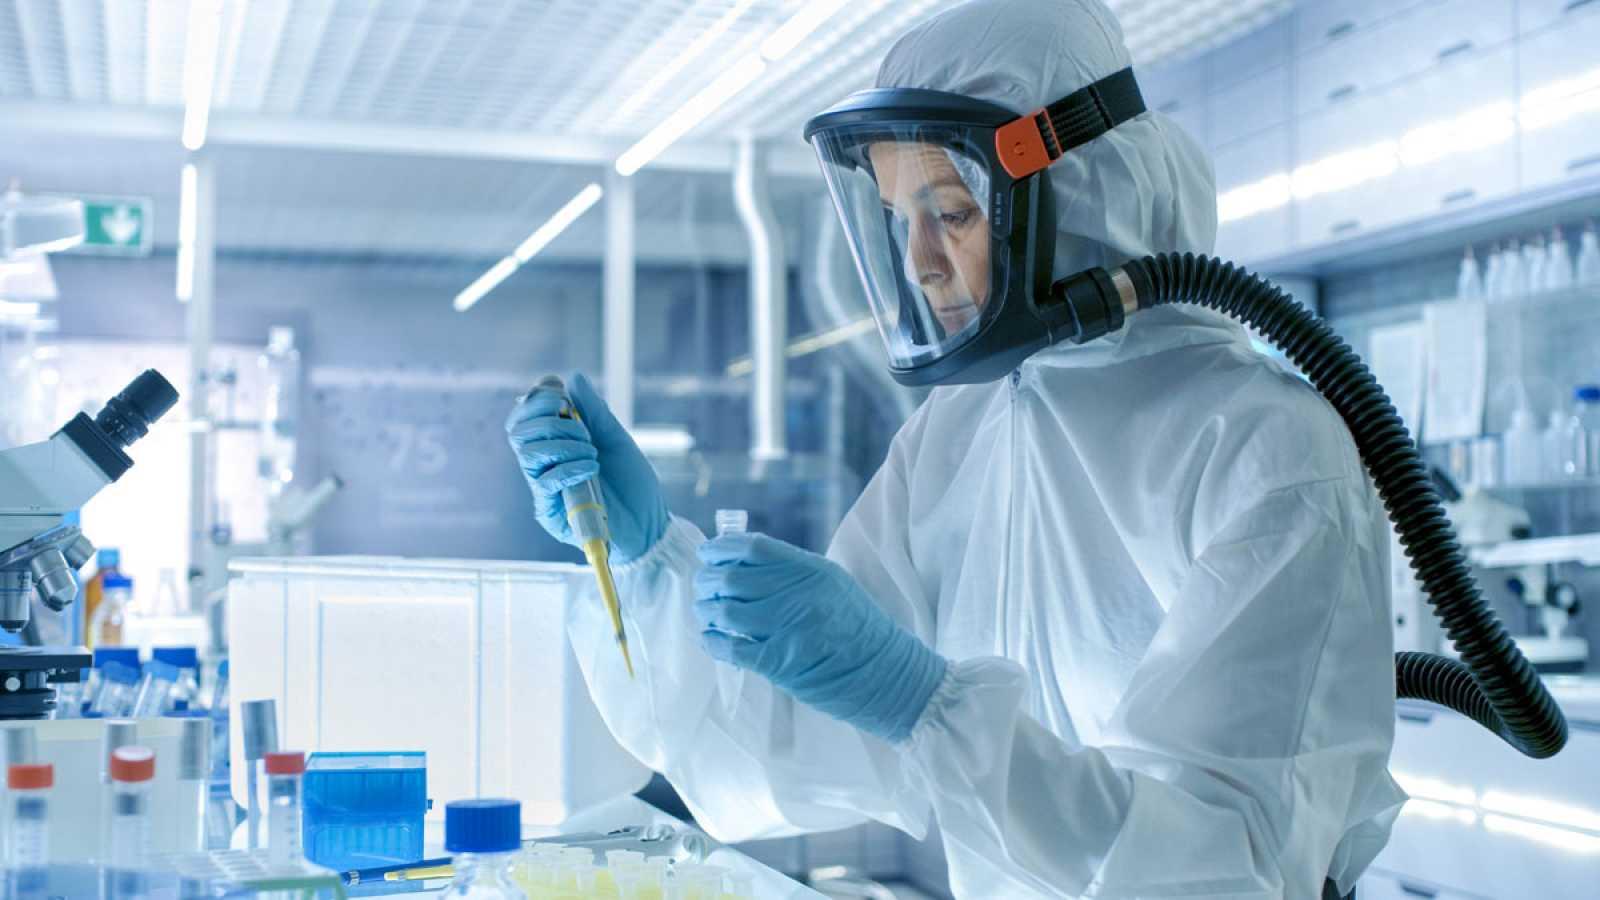 Un equipo de Televisión Española ha entrado en el laboratorio del Centro Nacional de Biotecnología donde se analizan patógenos como el coronavirus para desarrollar una vacuna. Se trata de un laboratorio de nivel 3 de contención biológica. Consta de 1